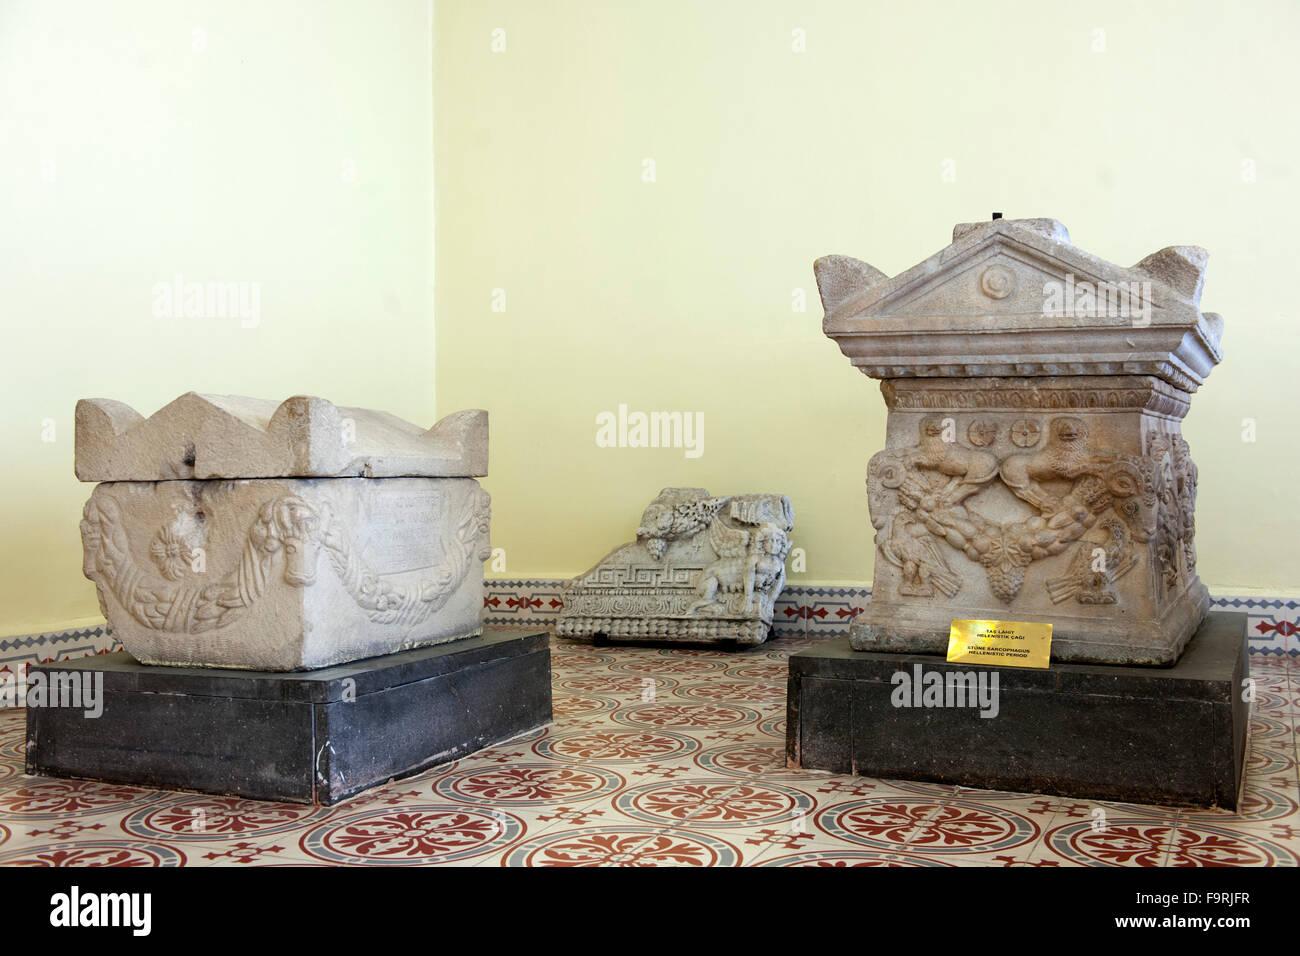 Türkei, westliche Schwarzmeerküste, Kastamonu, Archaeologisches Museum, Sarkophage. - Stock Image